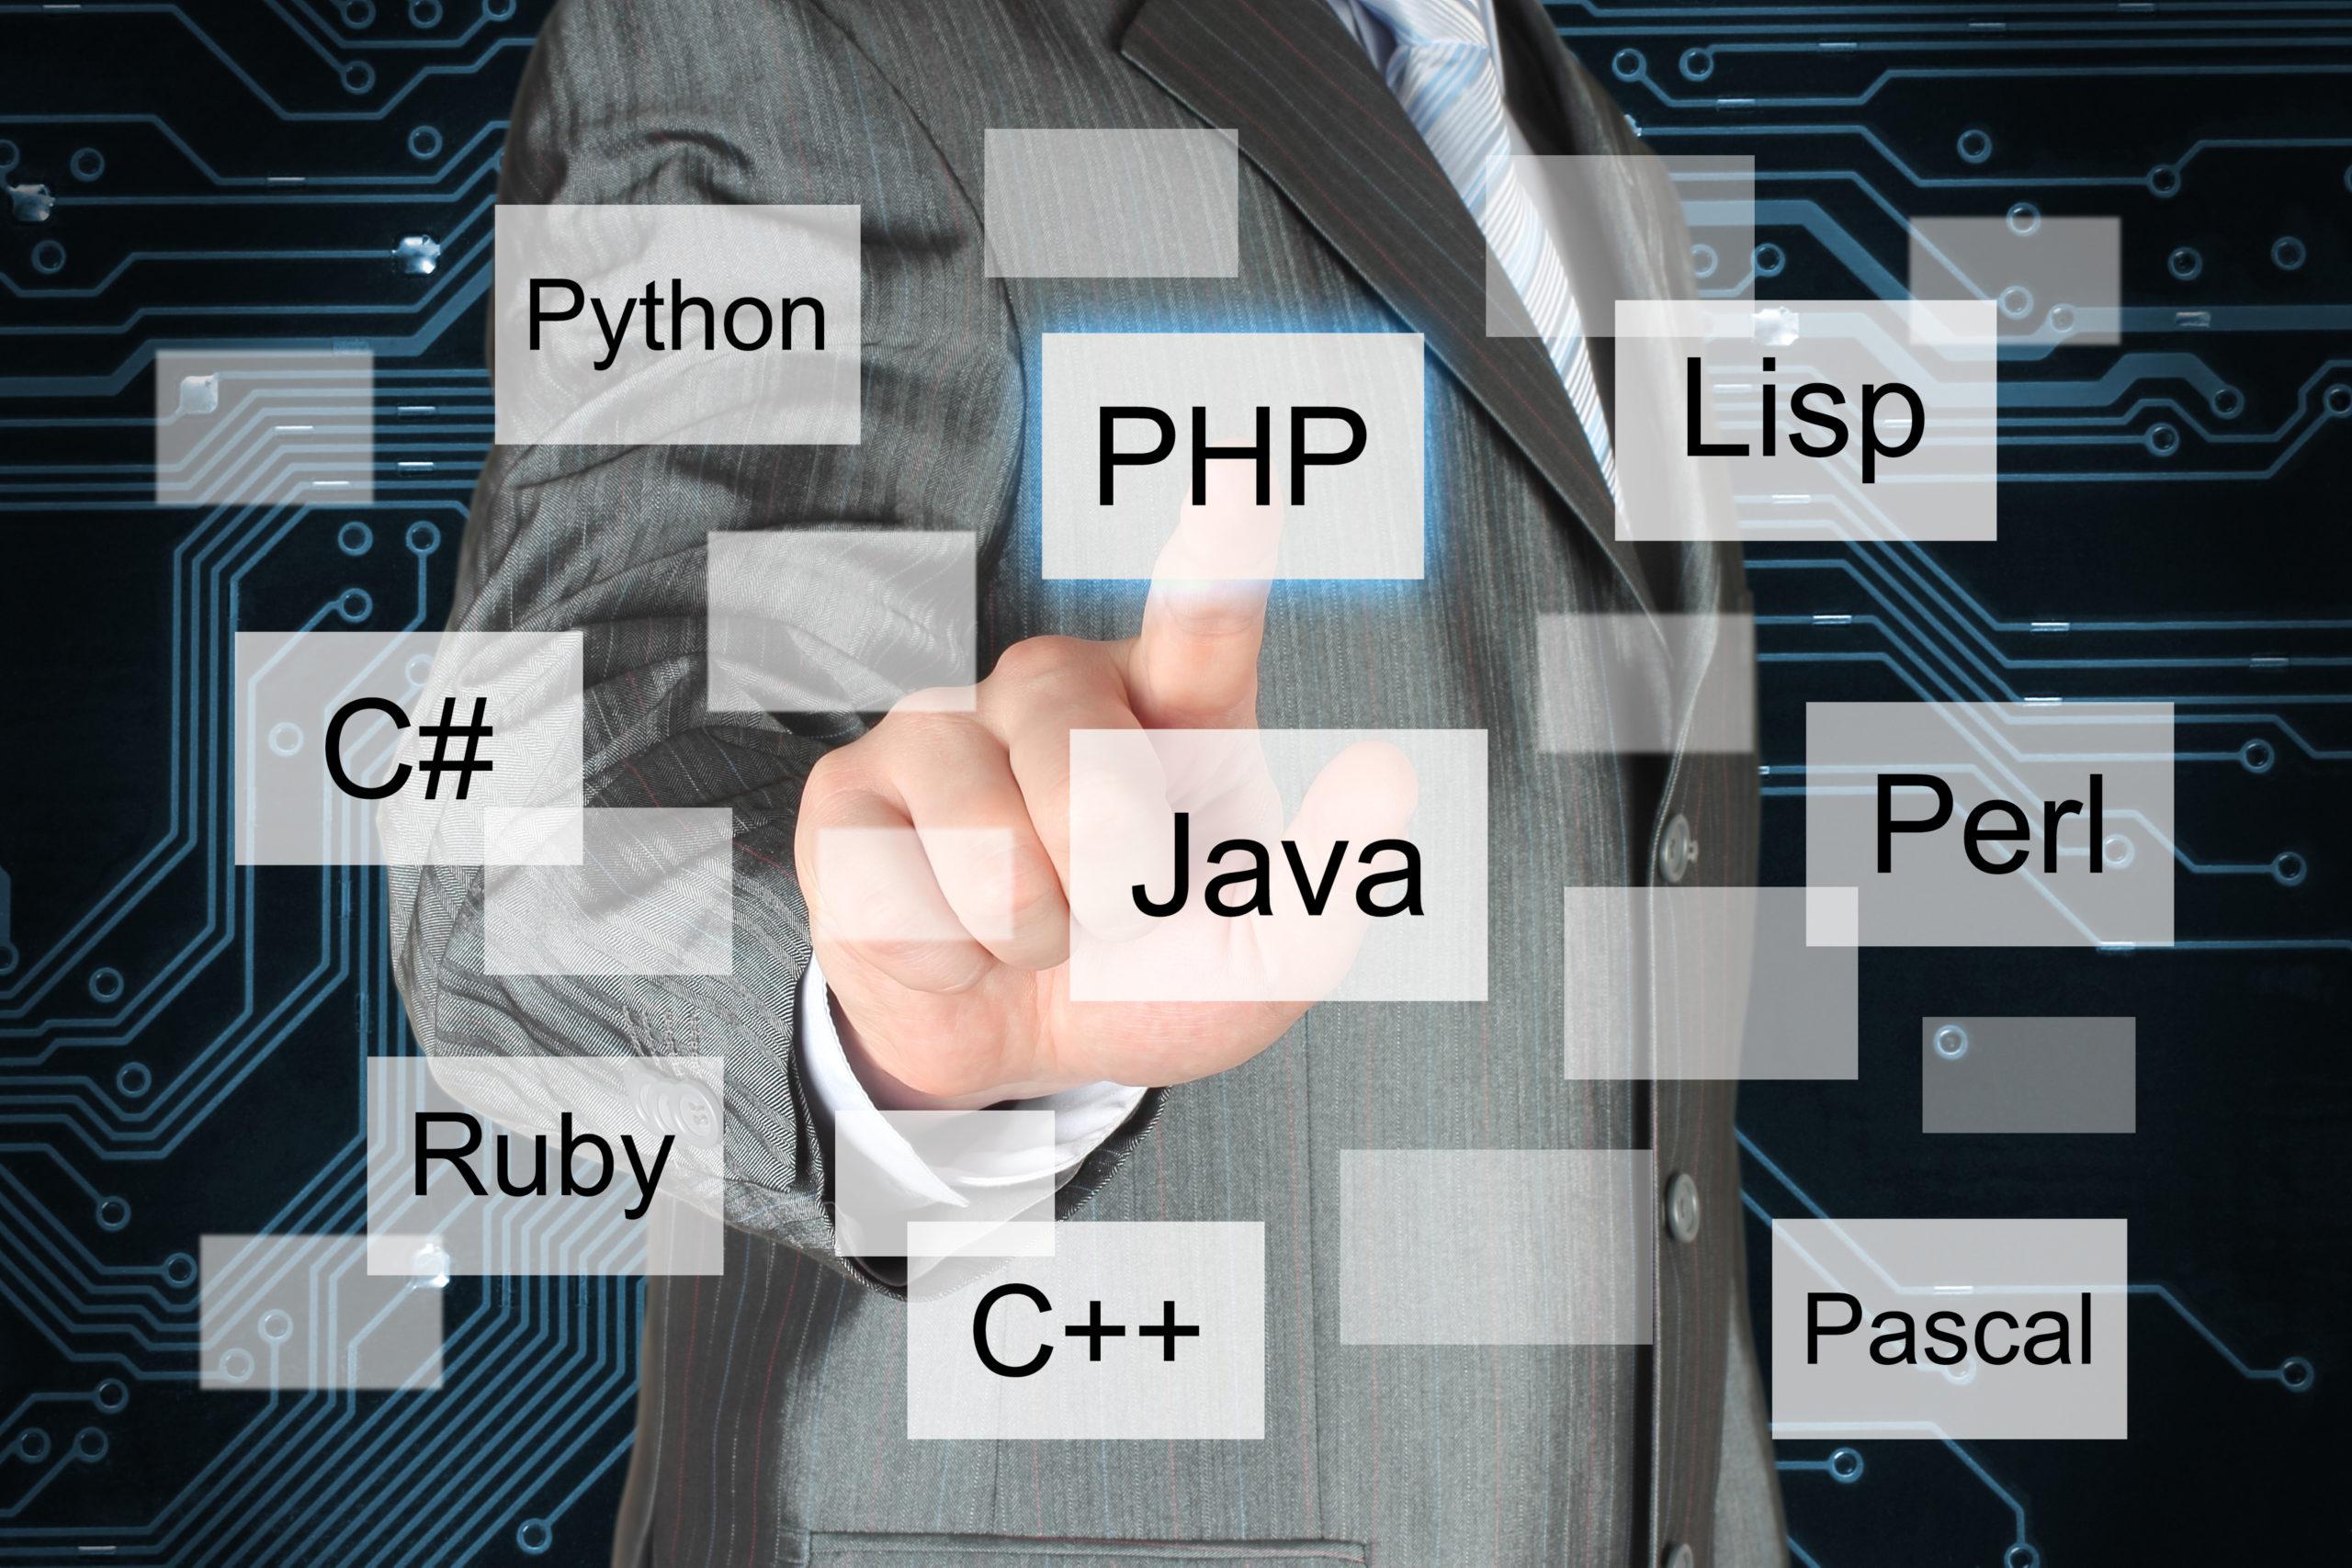 仮想的なプログラミング言語を押す男性